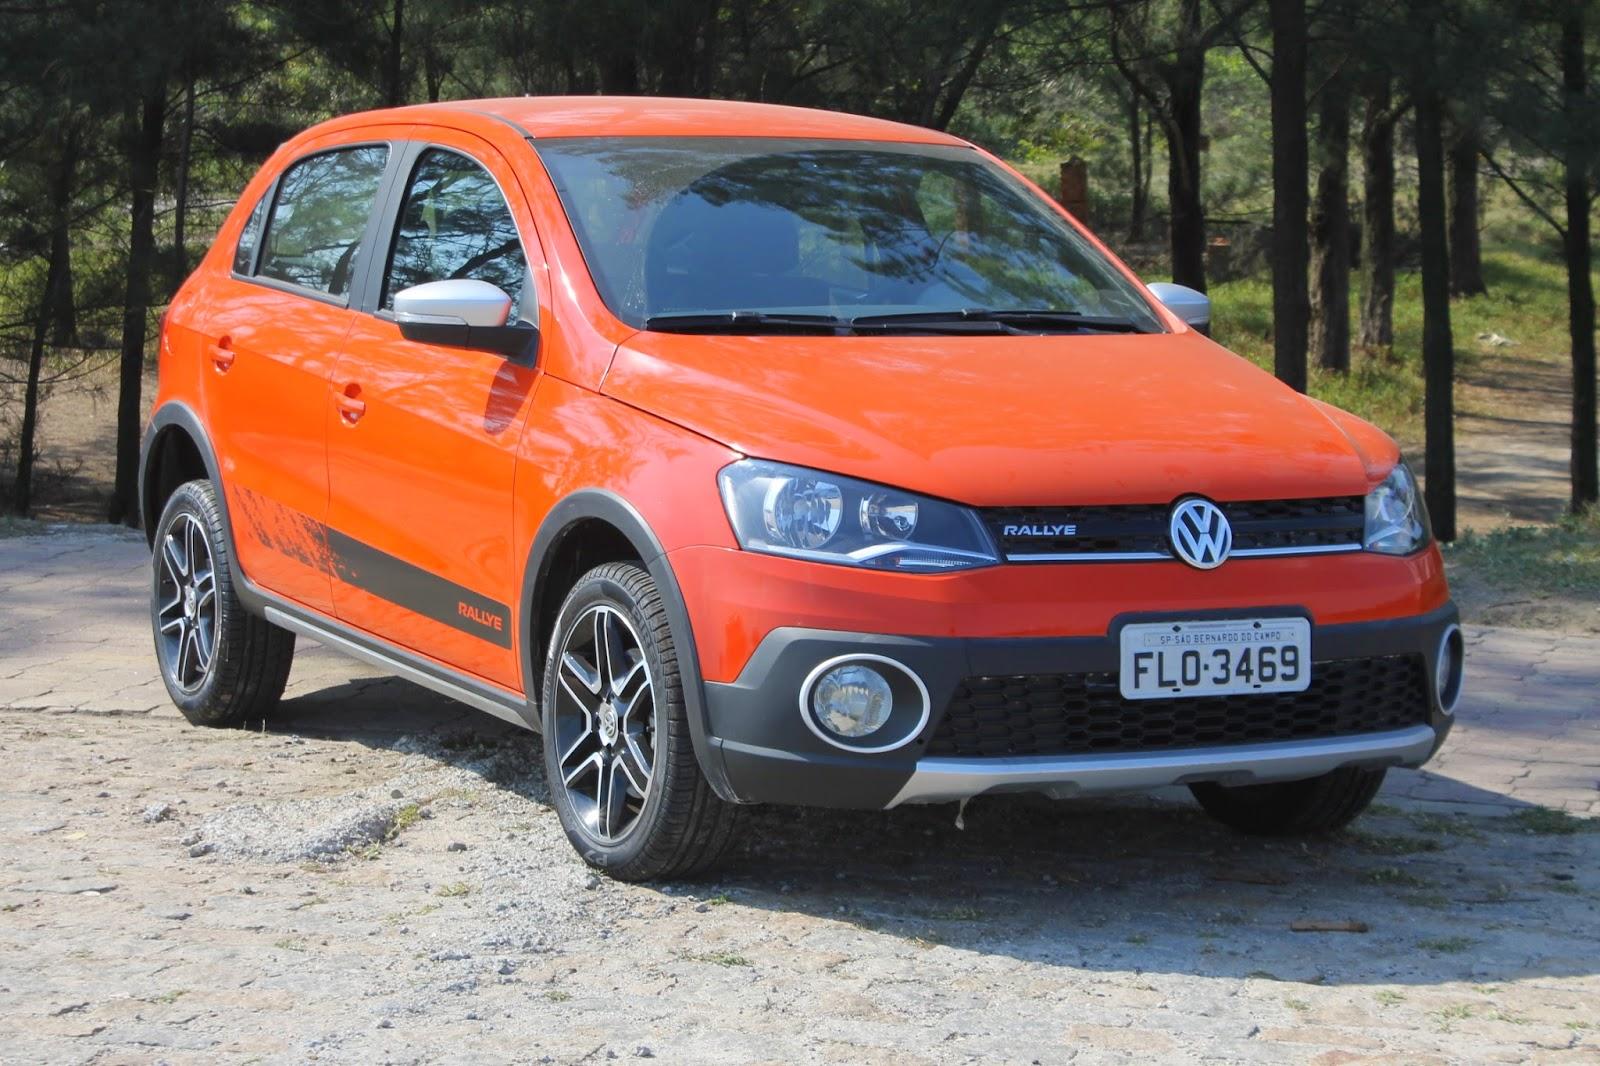 VW GOL RALLYE MSI 1.6 16V FLEX MANUAL - AVALIAÇÃO